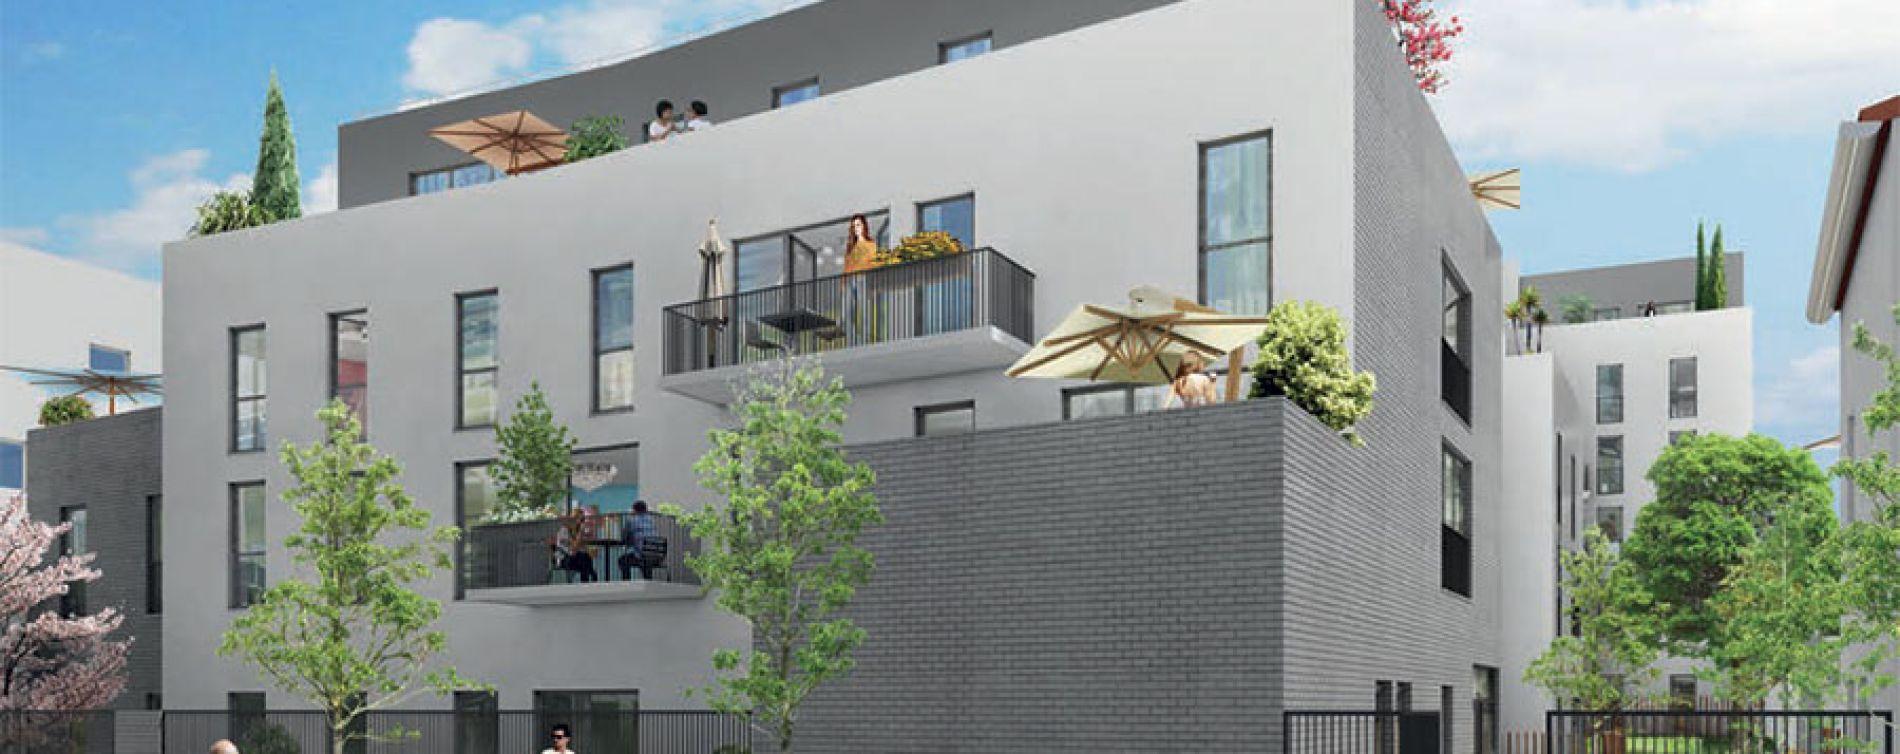 La Courneuve : programme immobilier neuve « Programme immobilier n°214239 » (2)